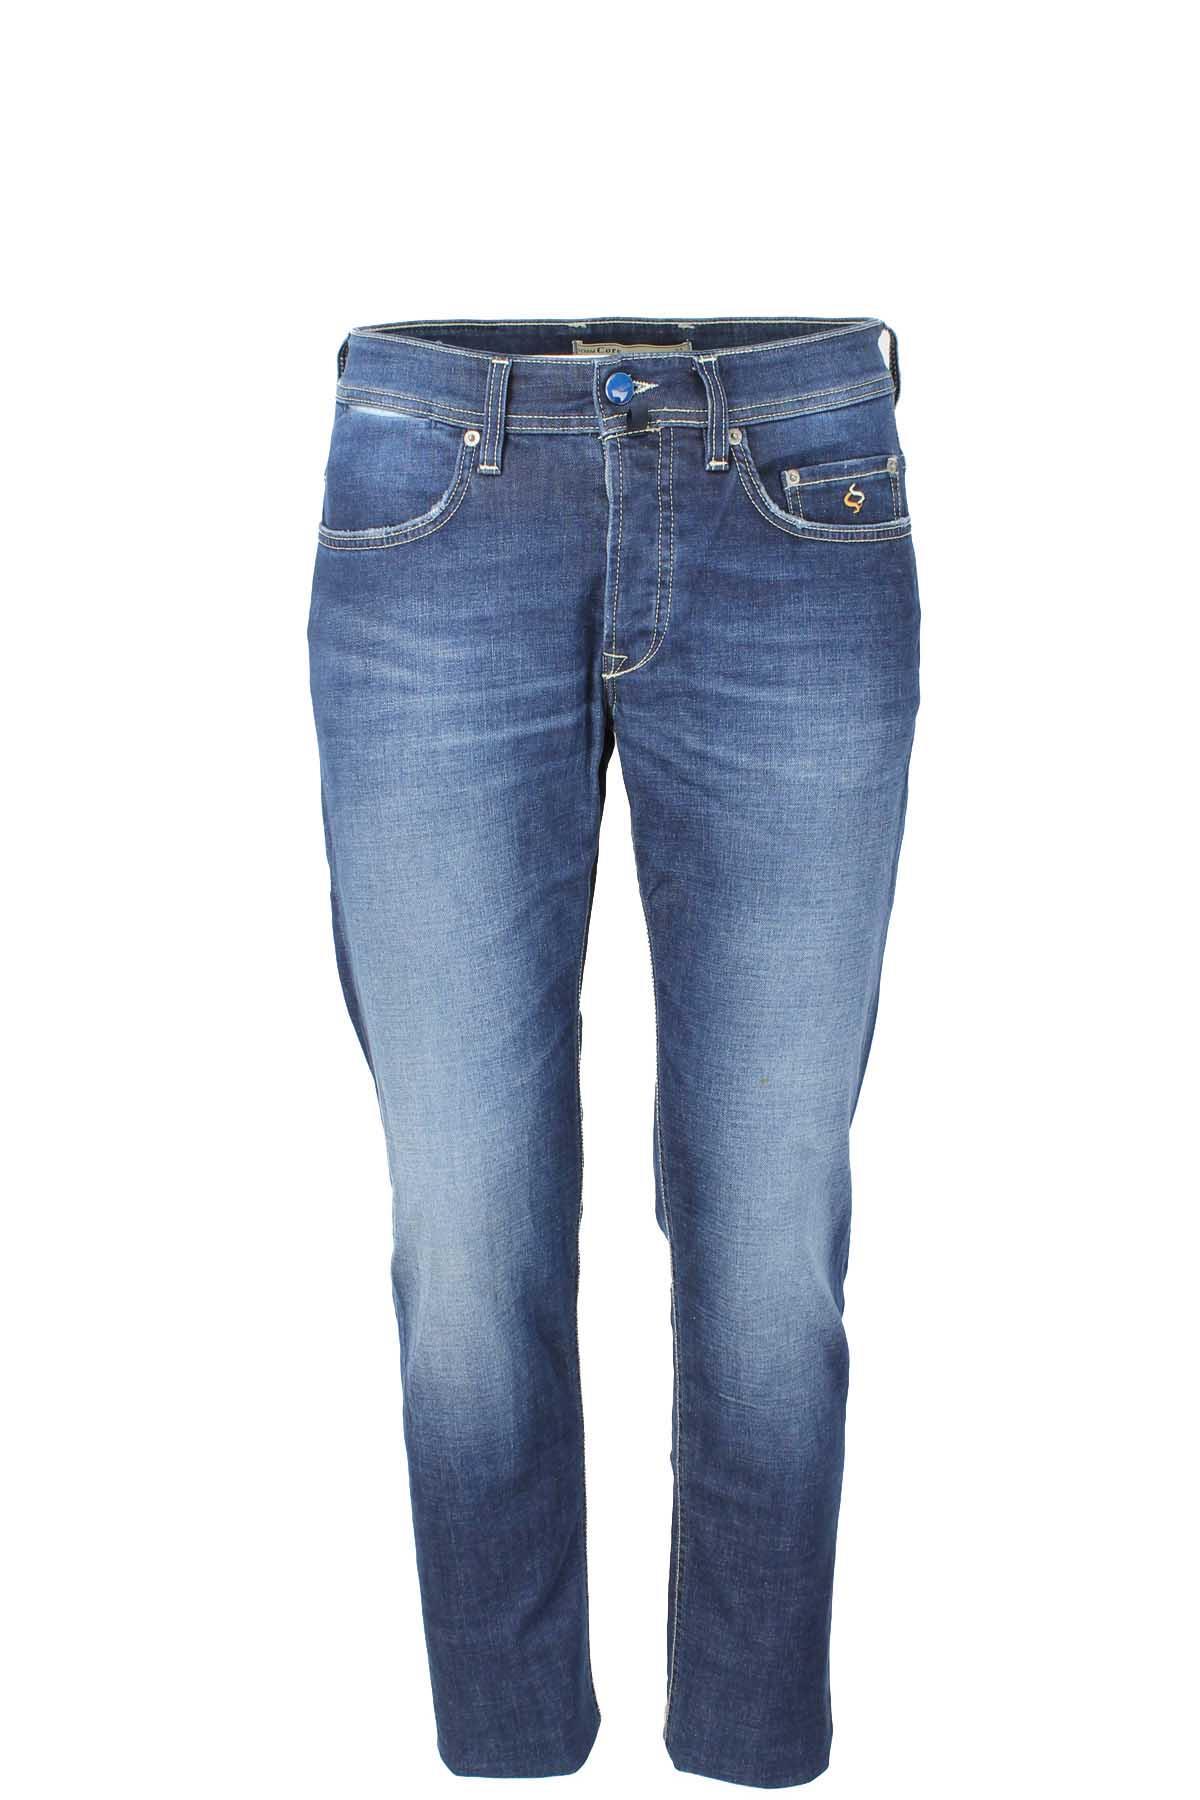 Jeans Uomo Casual Slim Fit Pantalone Strappato 5 Tasche Blu Denim Skinny